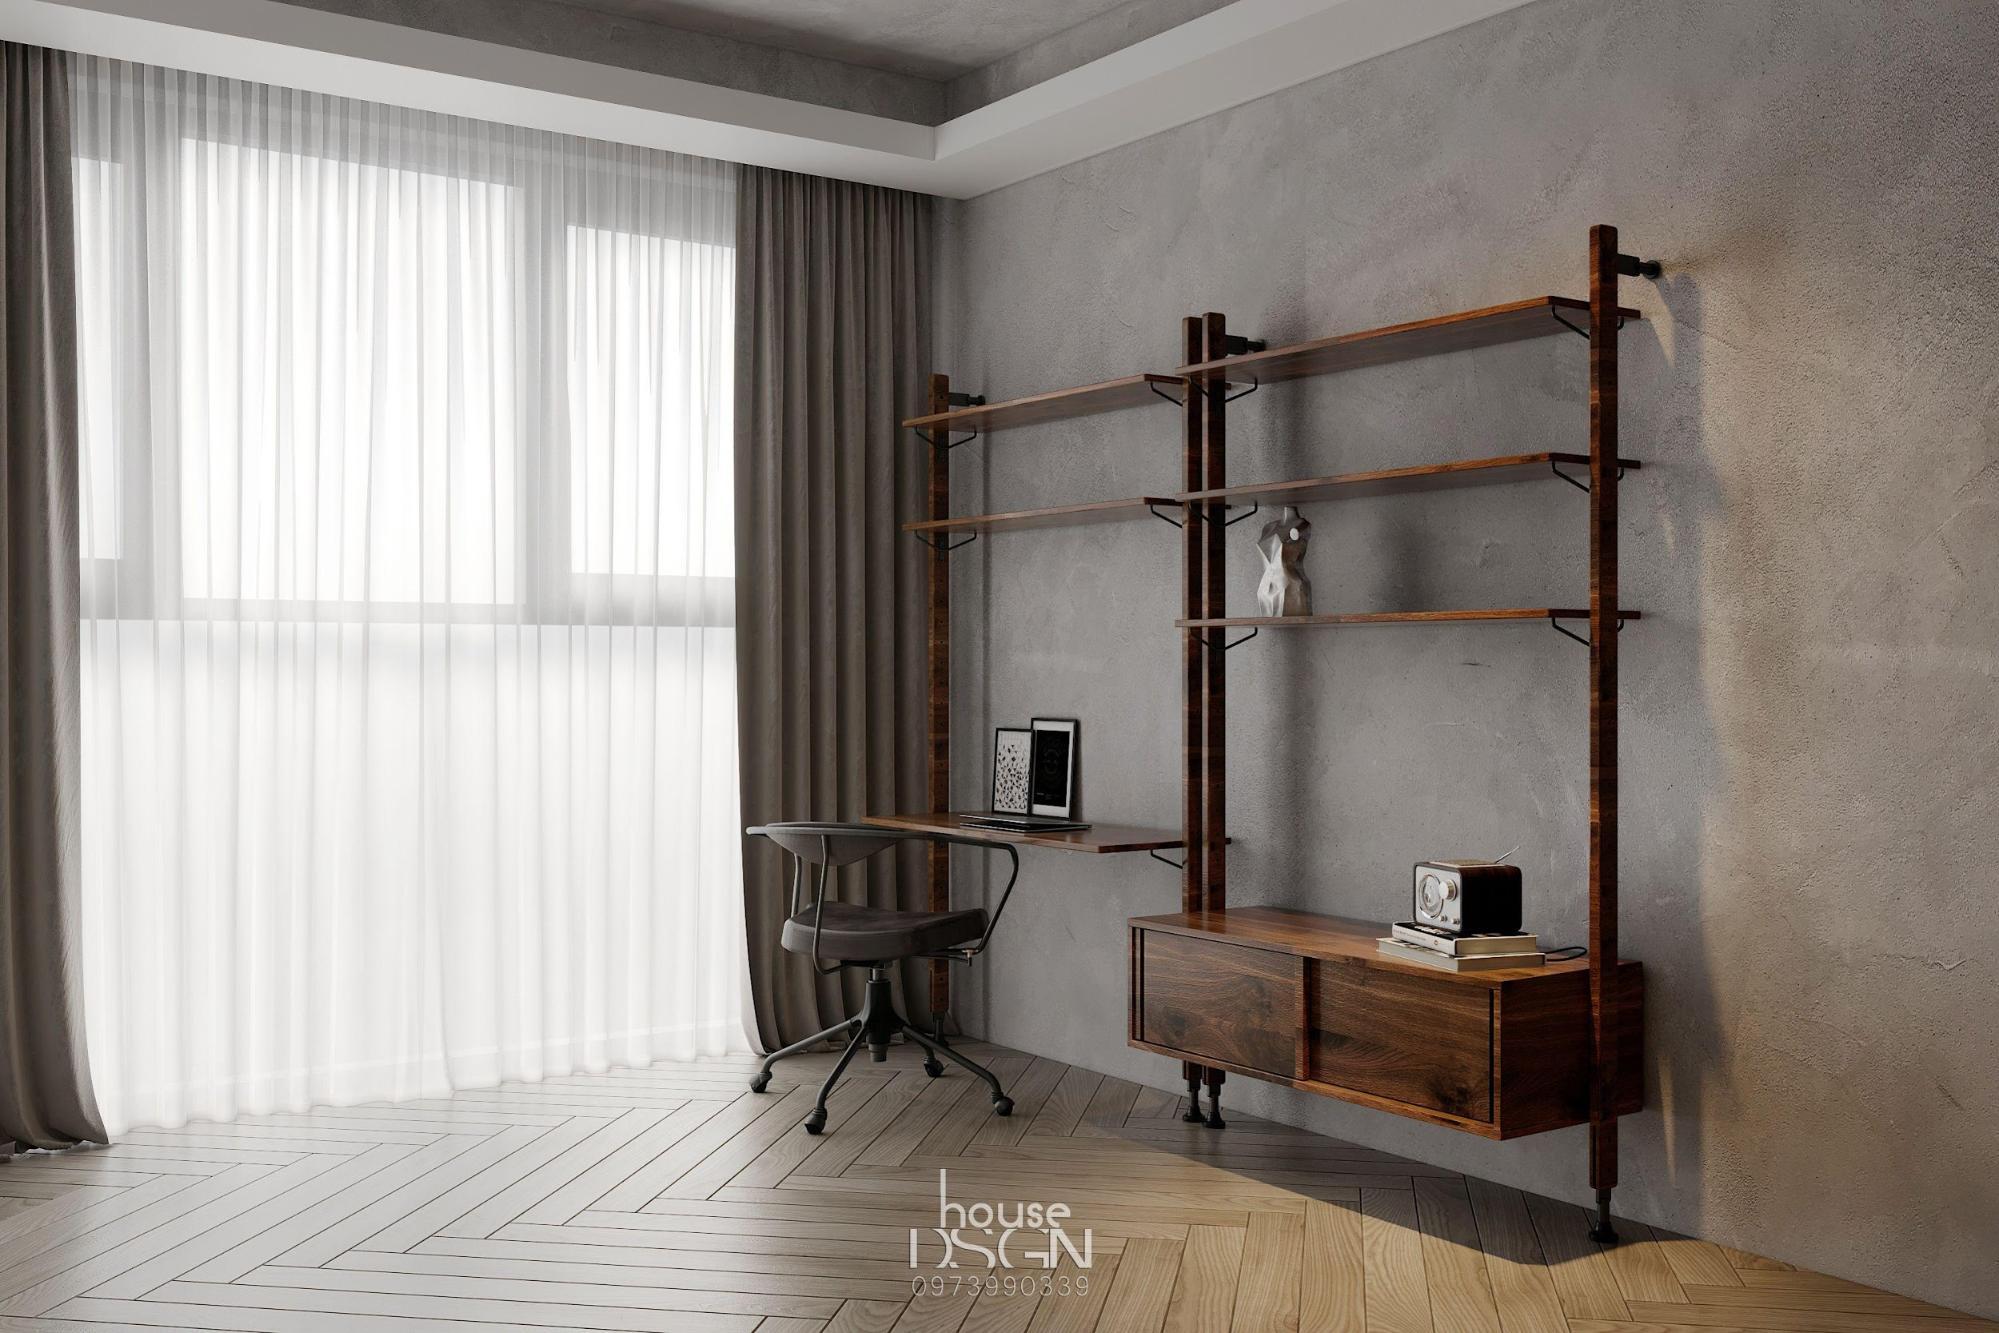 trang trí nội thất theo phong cách tối giản đẹp